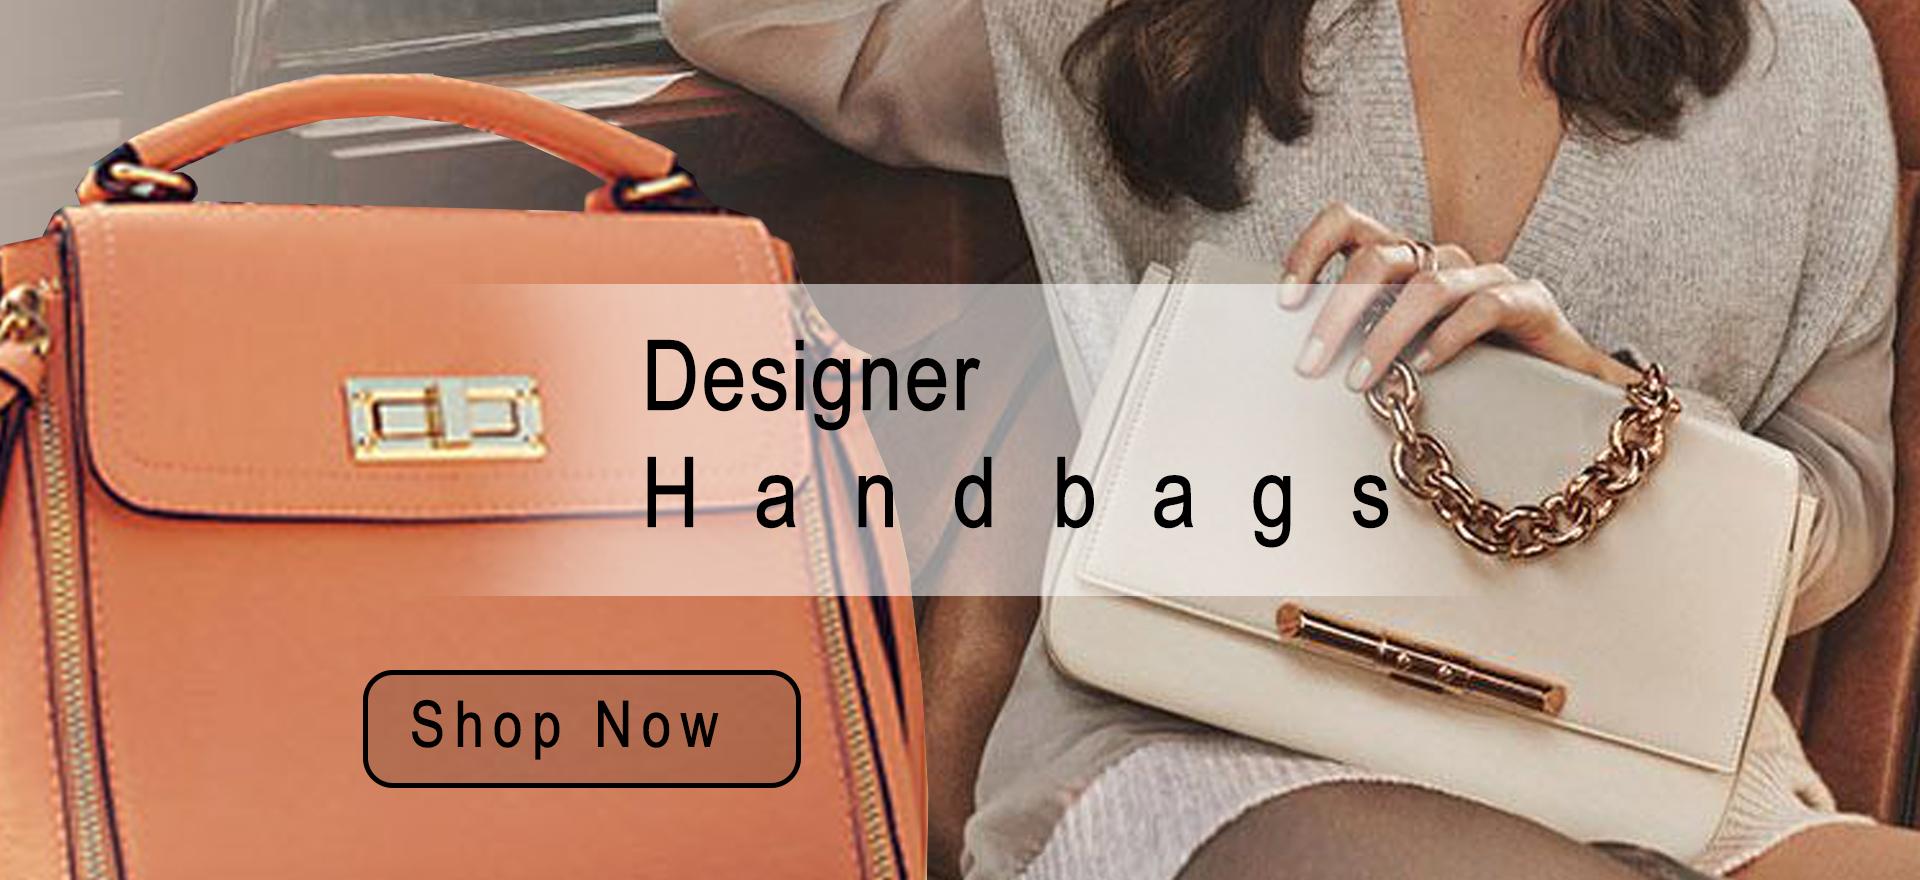 c7054919ed56 Buy Ladies Handbags Online at Low Prices in India - gergstore.com